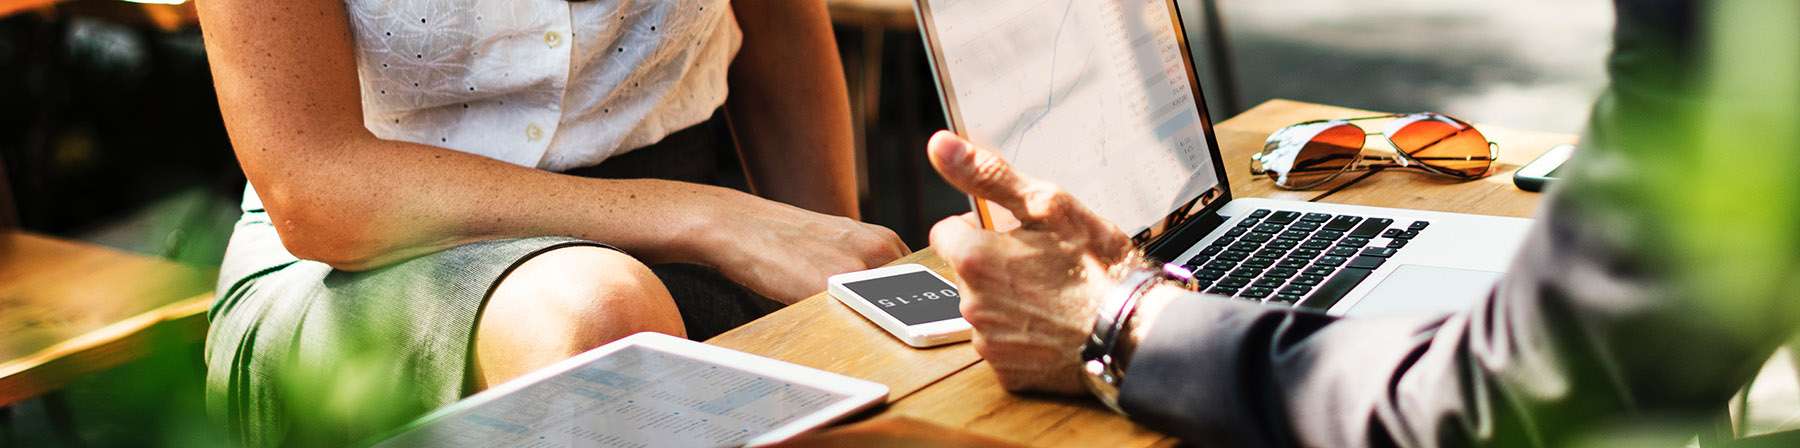 Faire une demande de prêt hypothécaire pour financer du mobilier, est-ce possible?